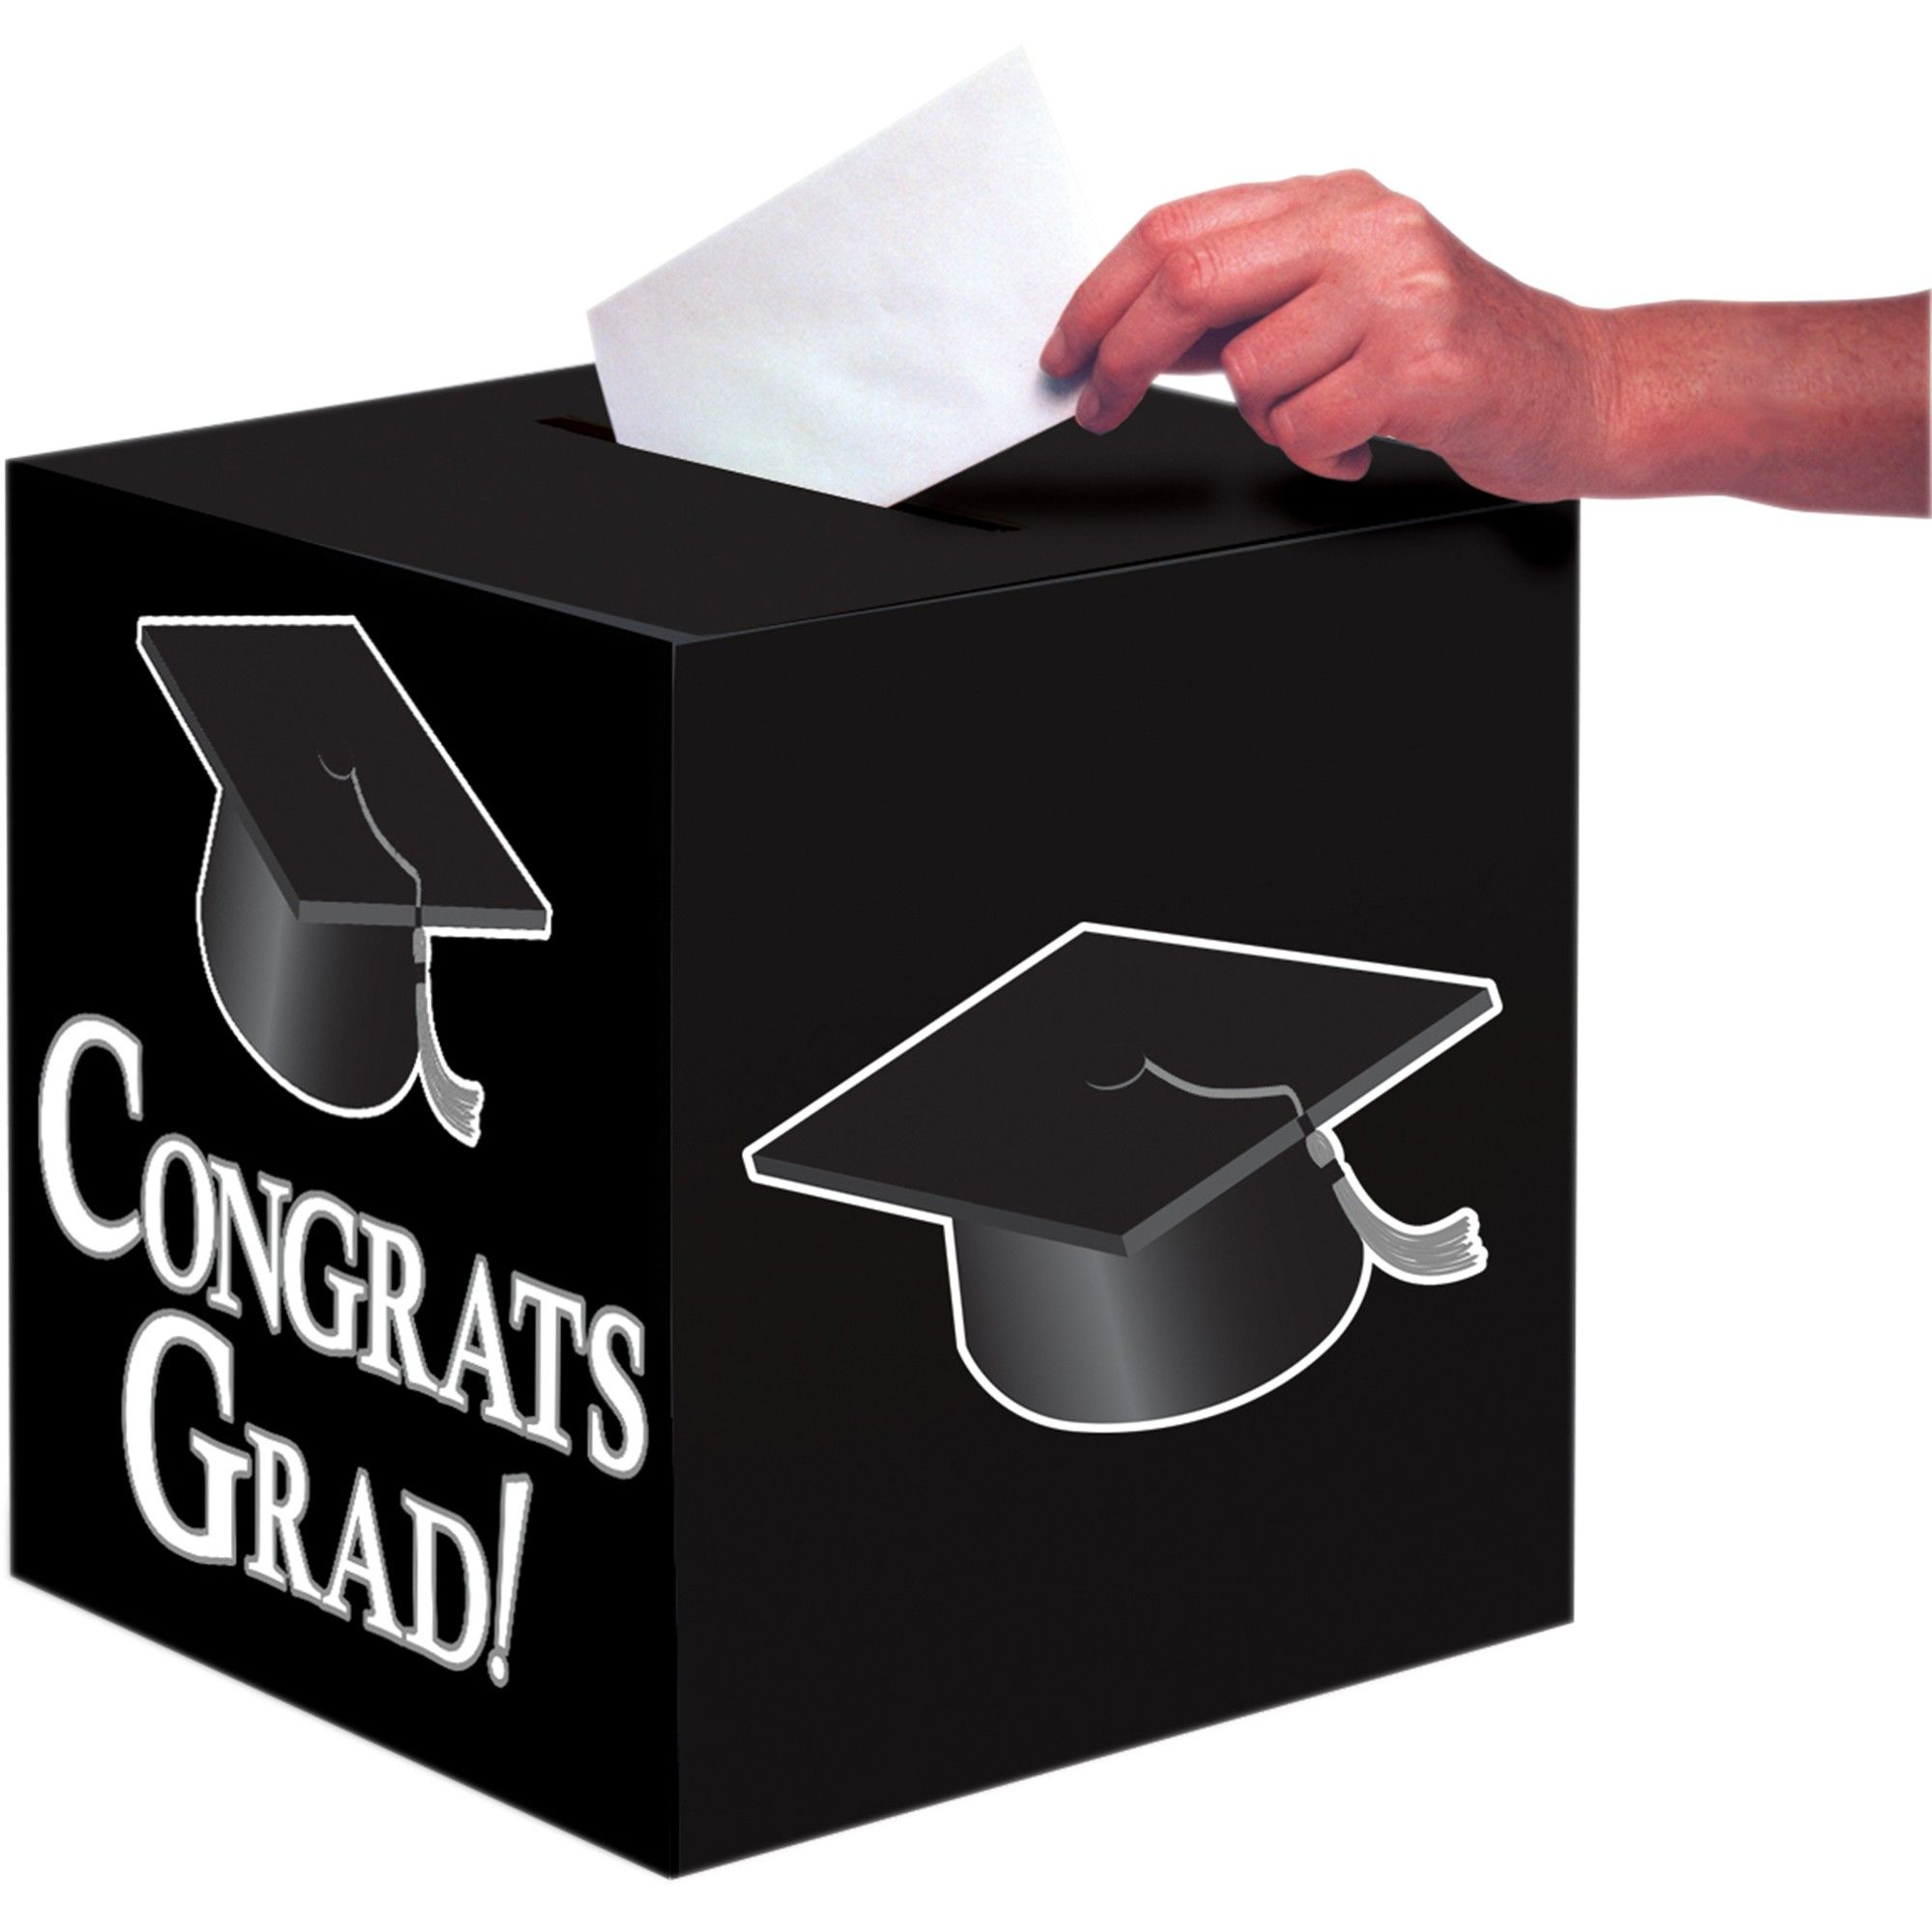 Congrats Grad Red Card Box Graduation Decoration